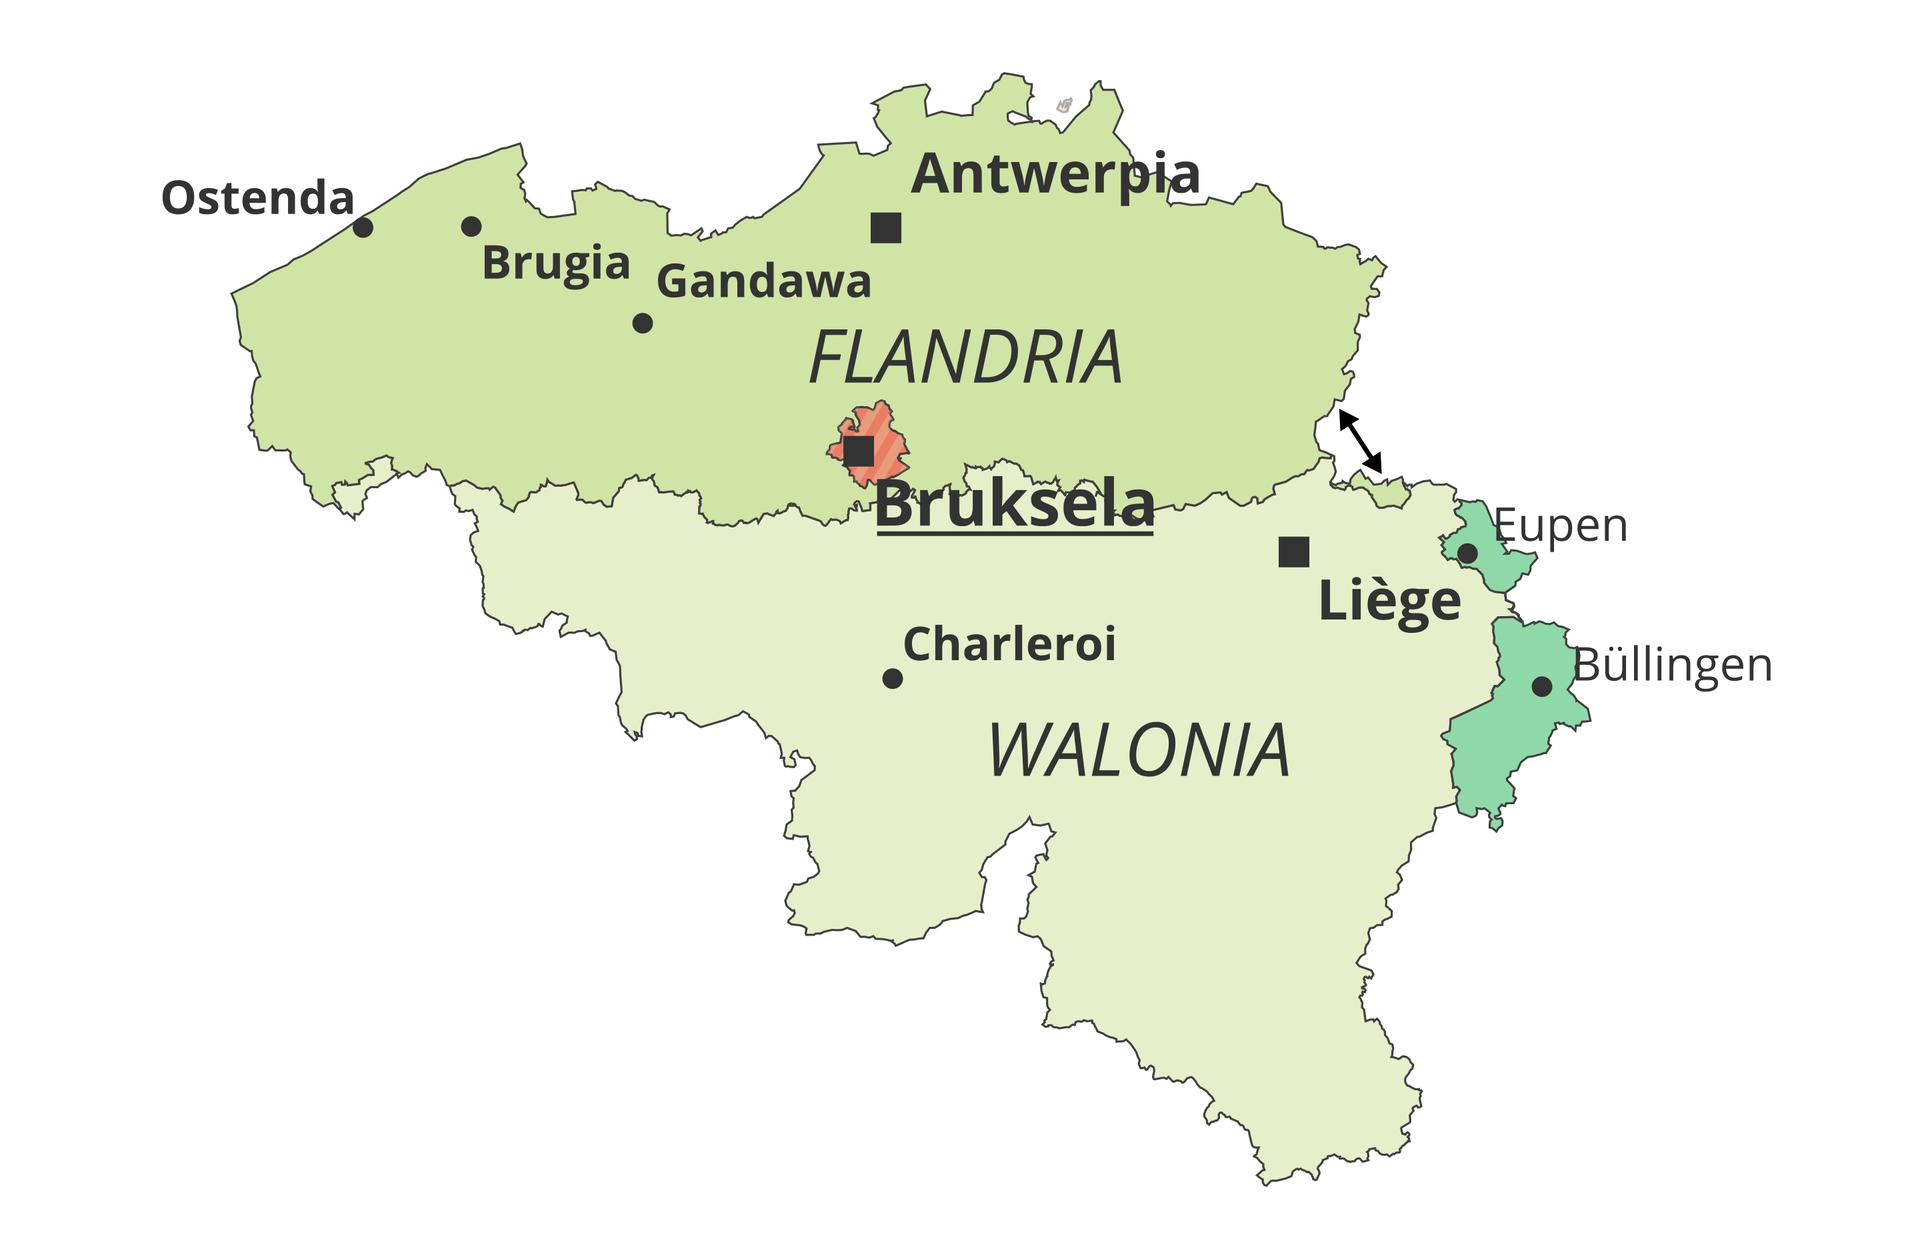 Na Ilustracji mapa pokazująca główne regiony różnojęzyczne wBelgii. Na północy niderlandzkojęzyczna Flandria, na południu francuskojęzyczna Walonia, dwa małe niemieckojęzyczne kantony na wschodzie kraju. WRegionie Stołecznym Brukseli, leżącym na terenie Flandrii obowiązują dwa języki urzędowe: francuski iniderlandzki.